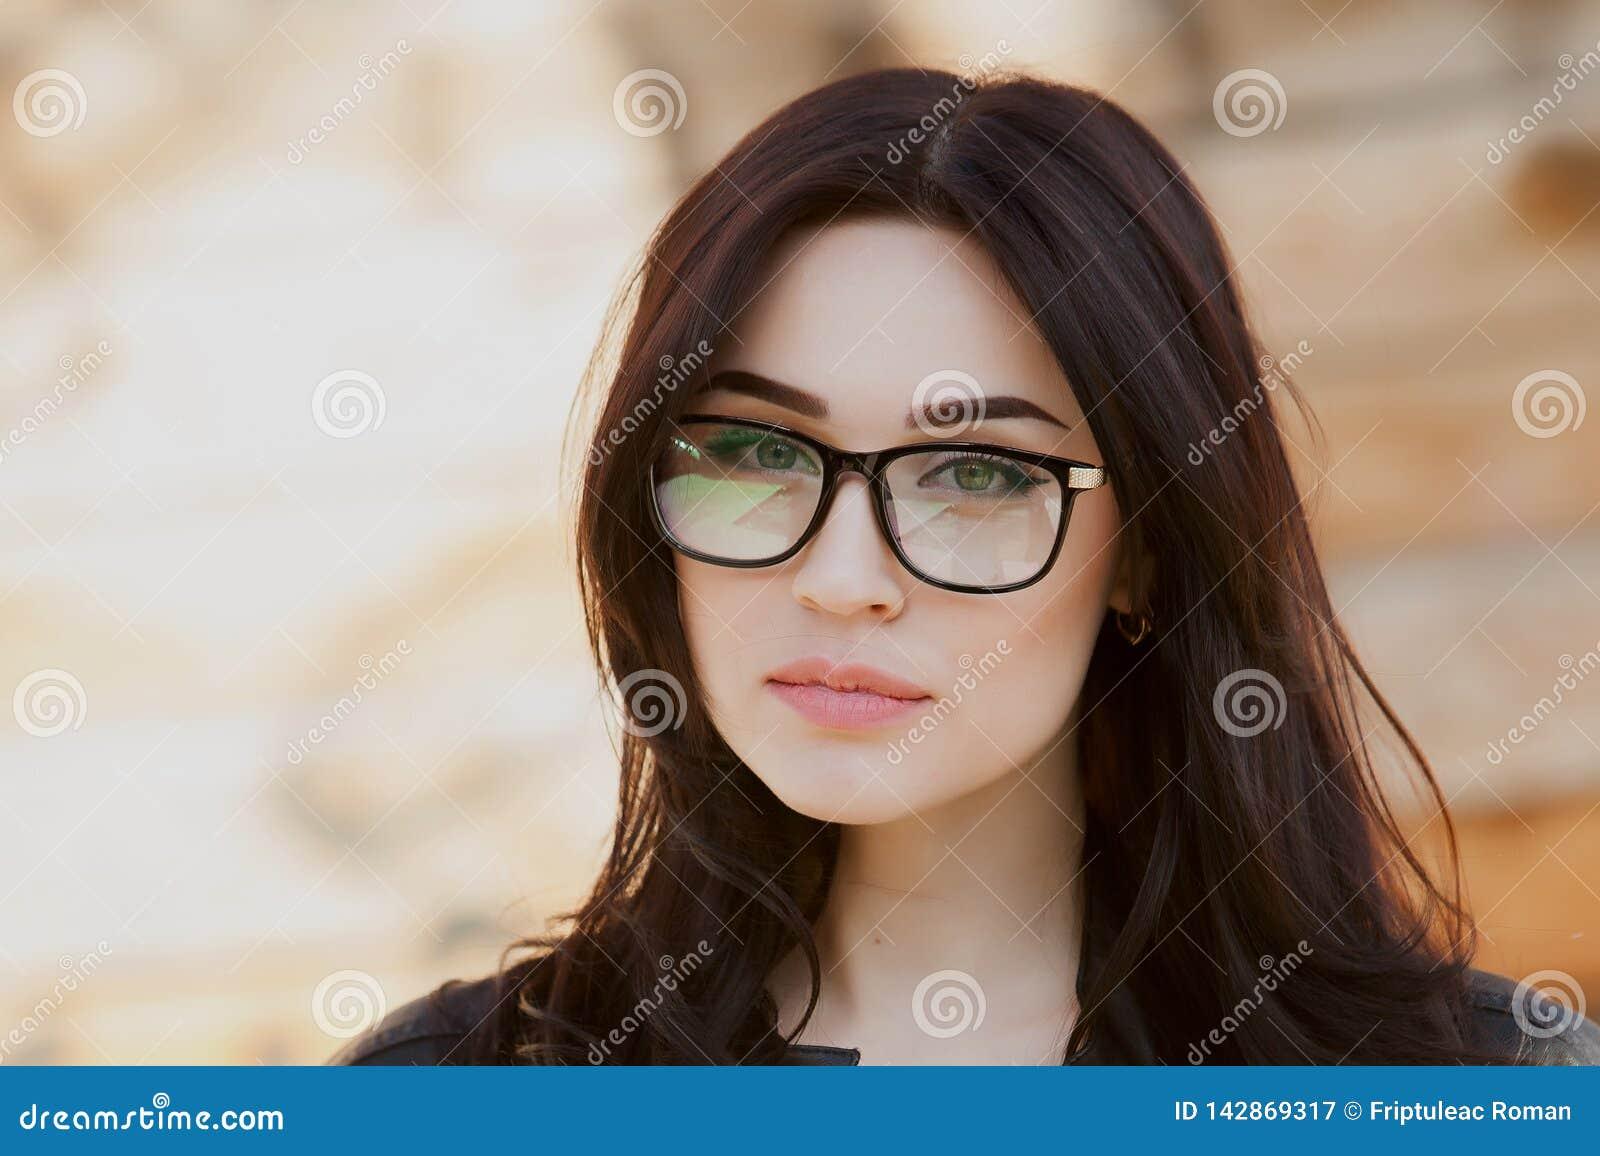 Begrepp: härliga ögon, det härliga leendet, vision, perfekt hudstående av en härlig flicka med exponeringsglas, stängda ögon, skö